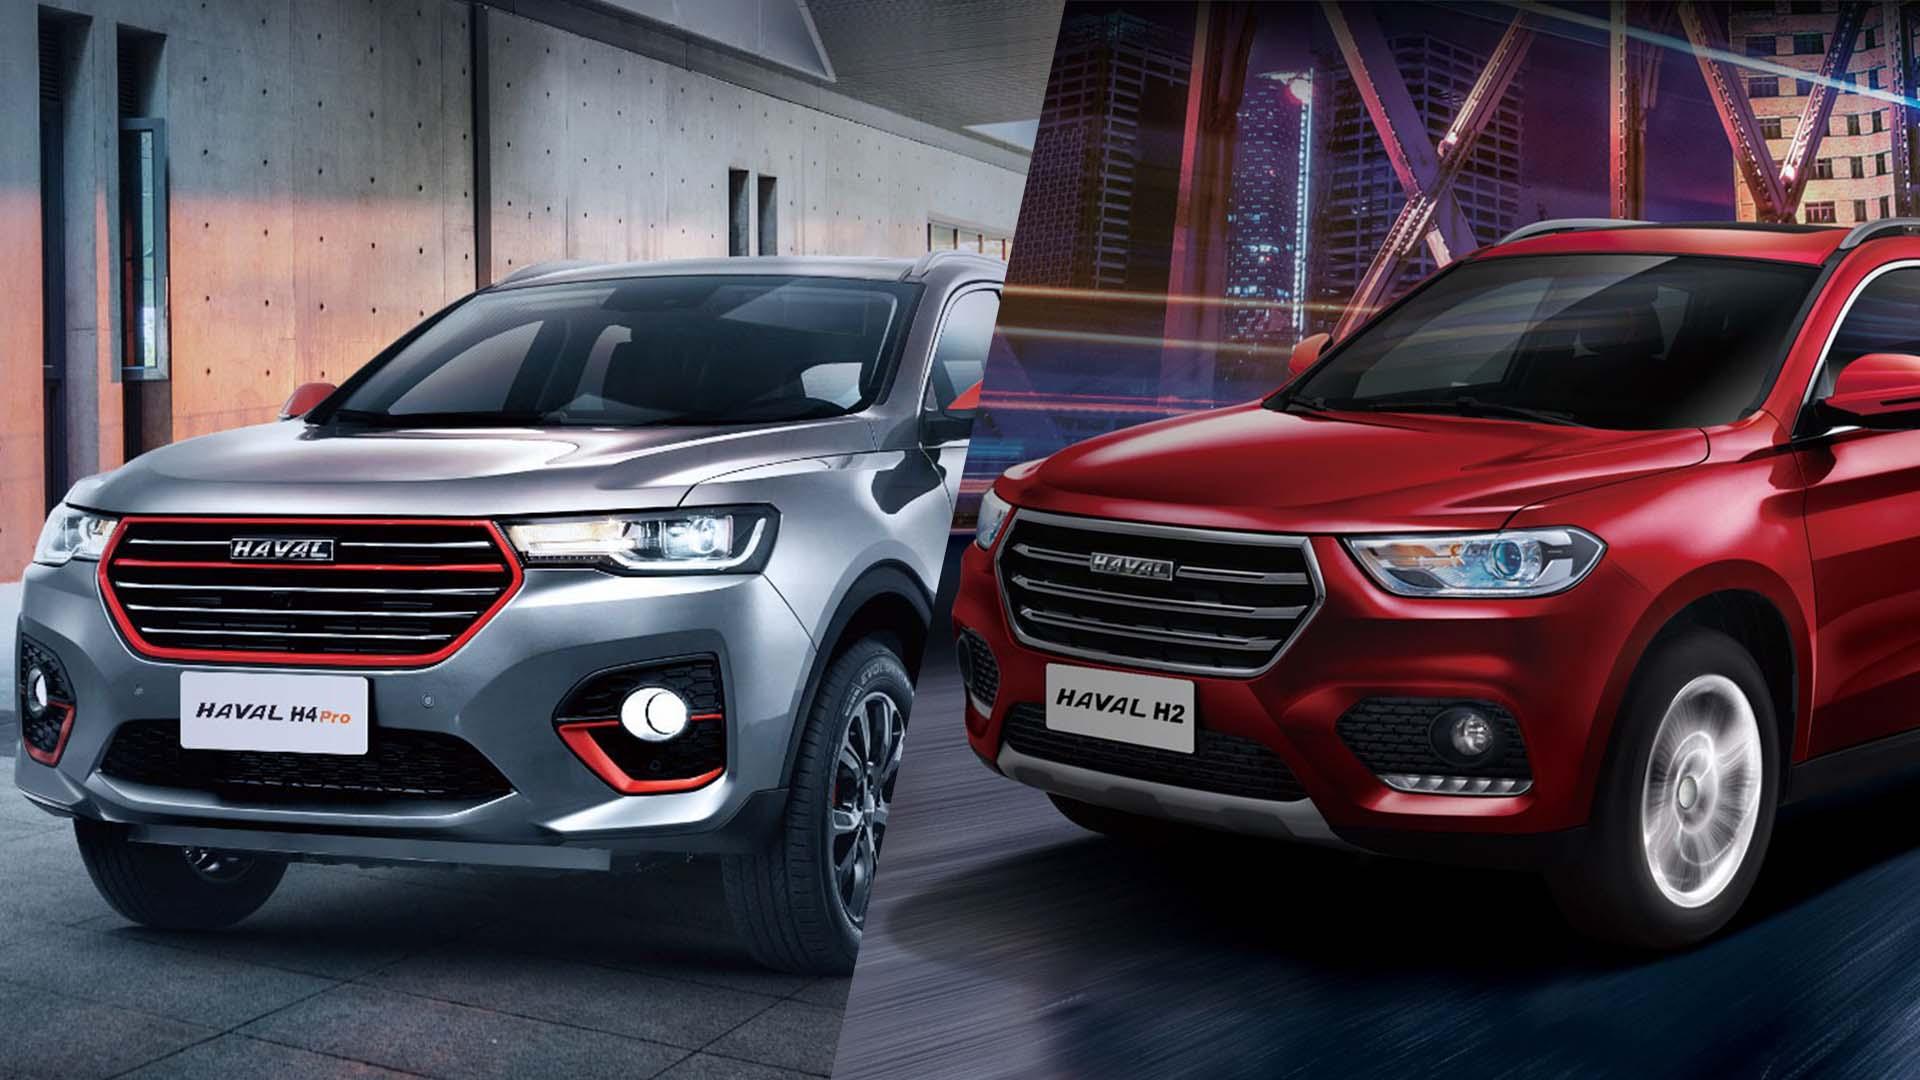 A General Motors já confirmou sua presença no mercado automotivo brasileiro